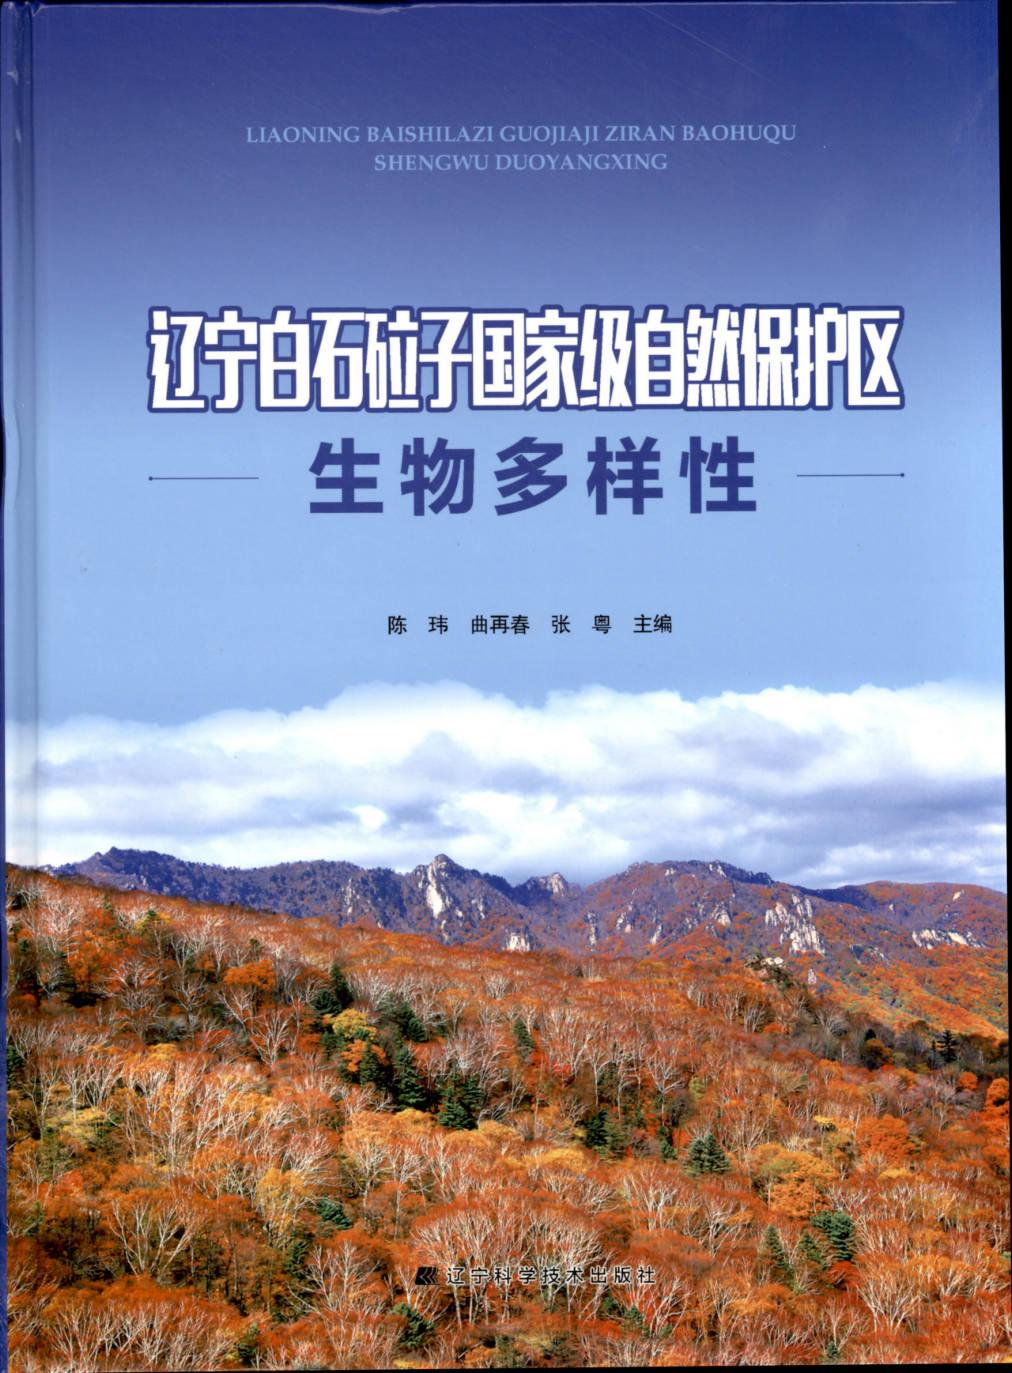 LIAONING BAISHILAZI GUOJIAJI ZIRAN BAOHUQU SHENGWU DUOYANGXING 辽宁白石砬子国家级自然保护区生物多样性